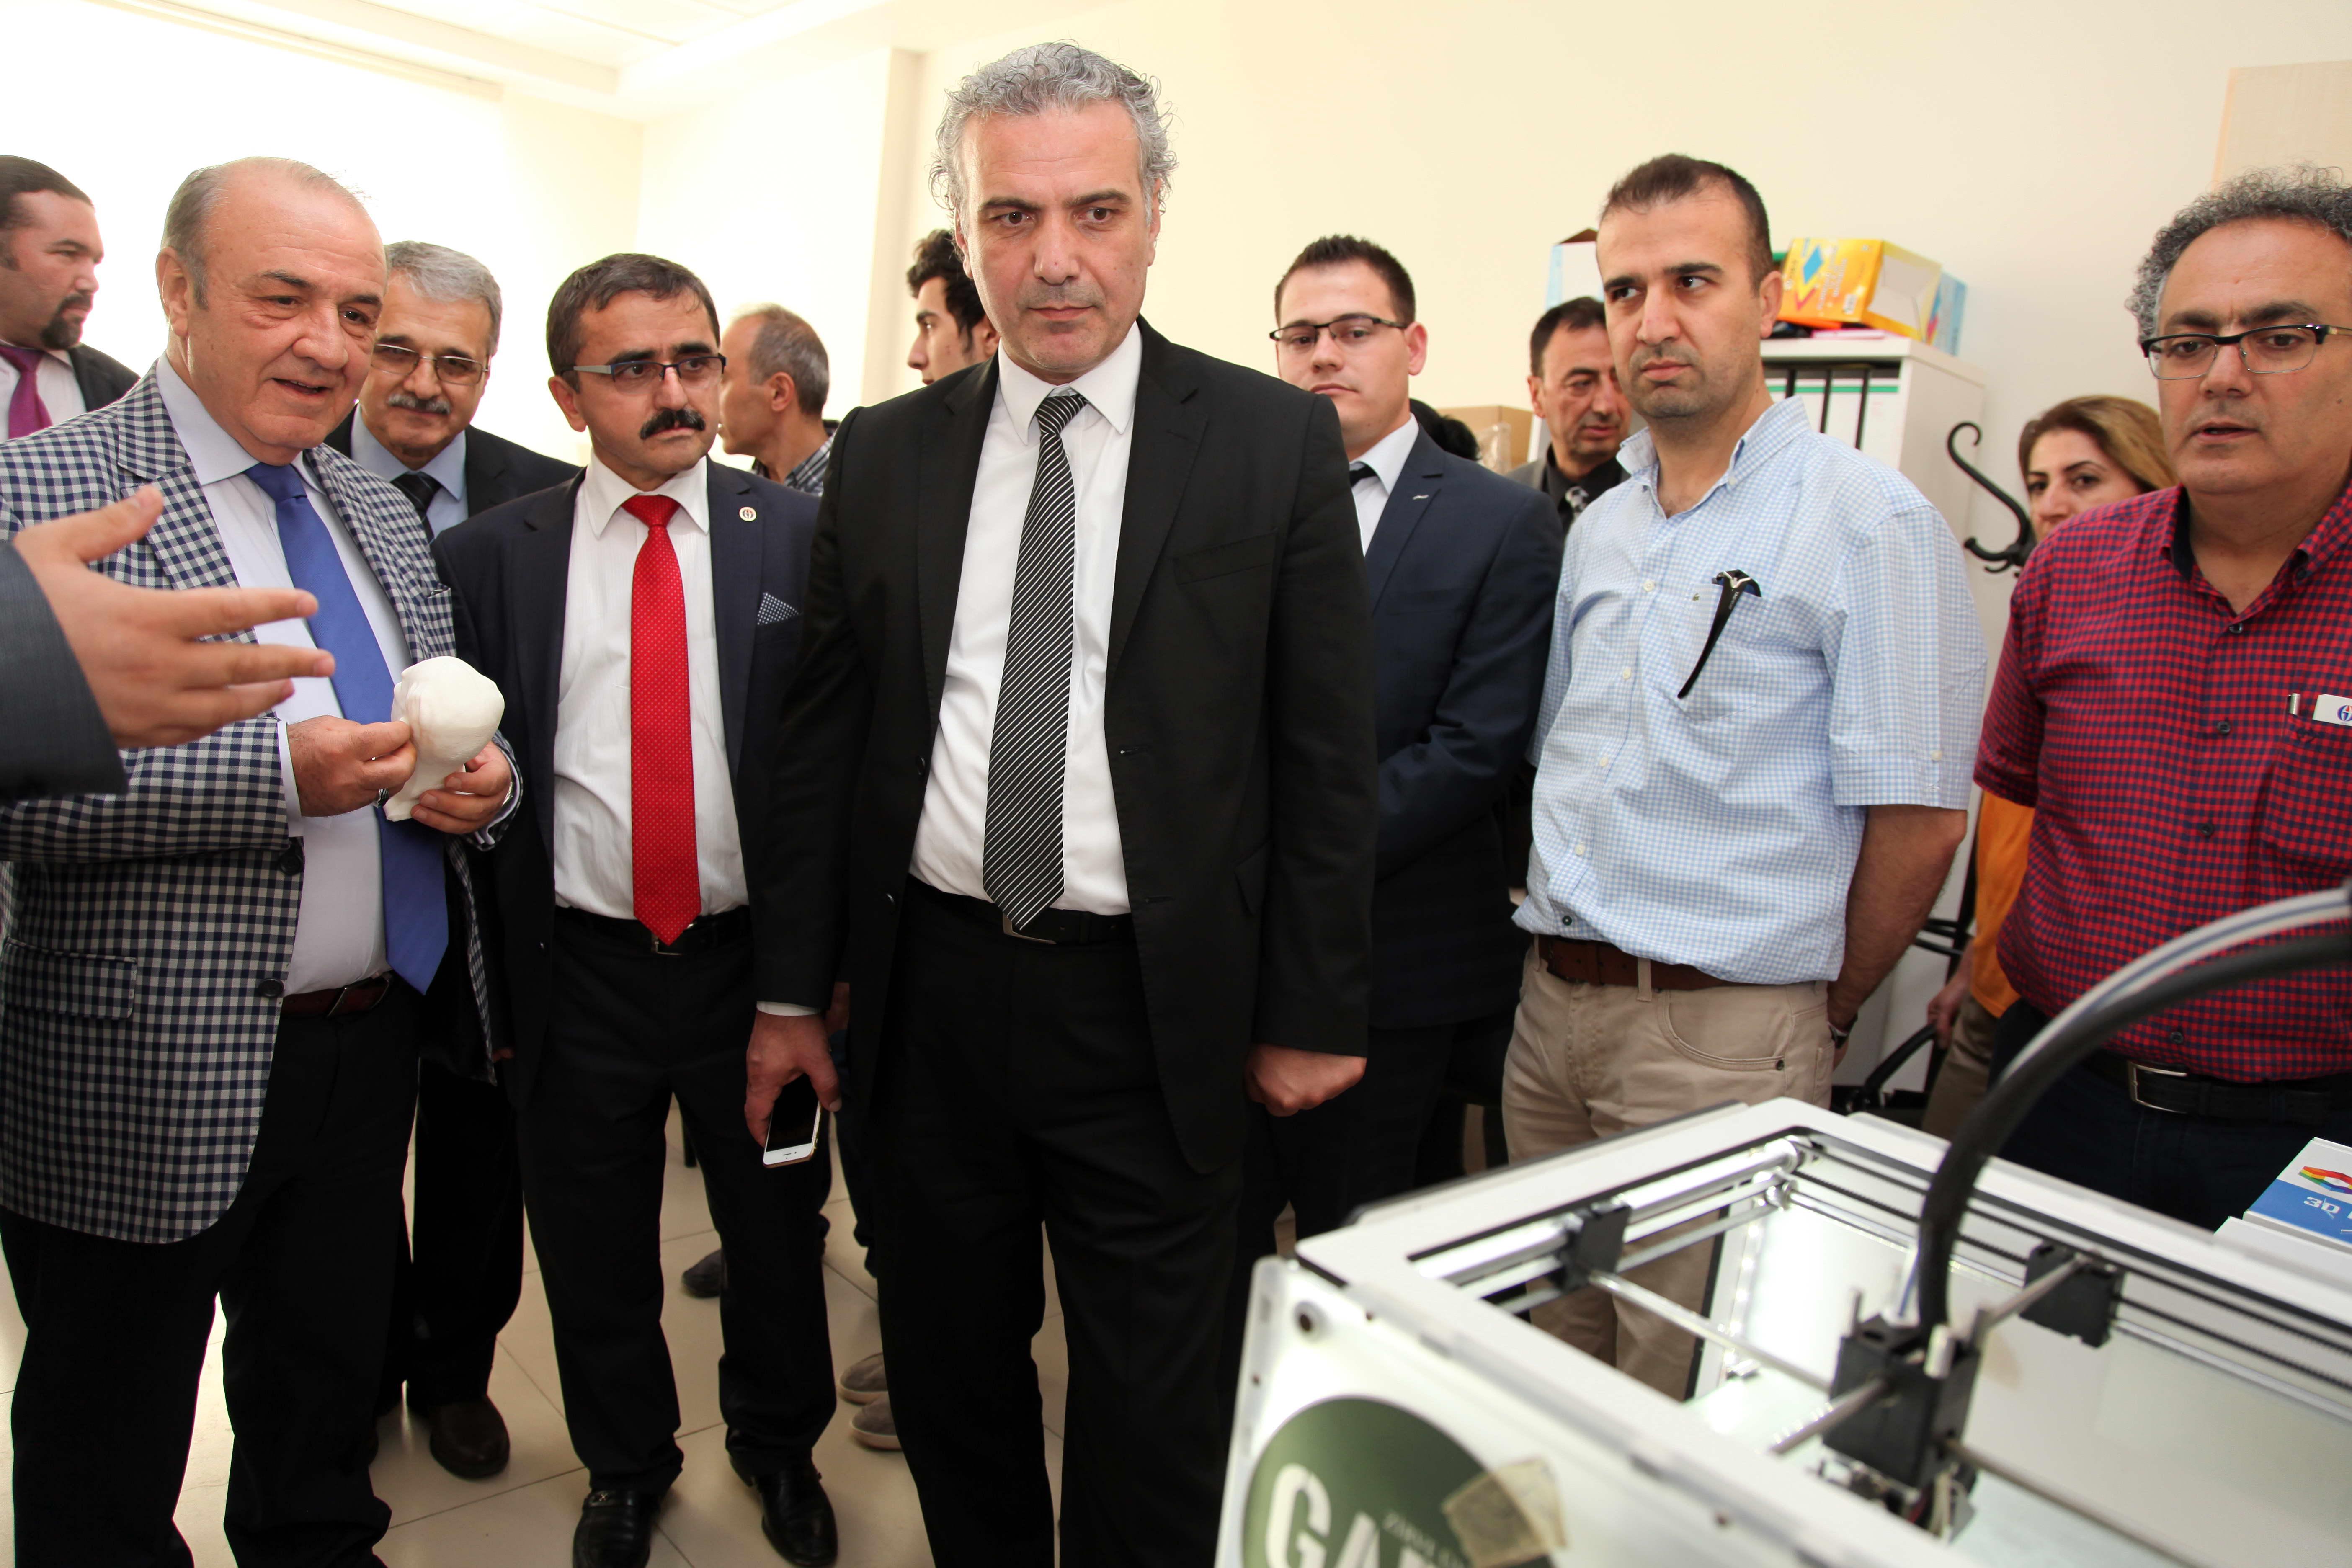 Gaziantep TEKNOPARK yeni yaptırılan binalarını hizmete açtı (2)